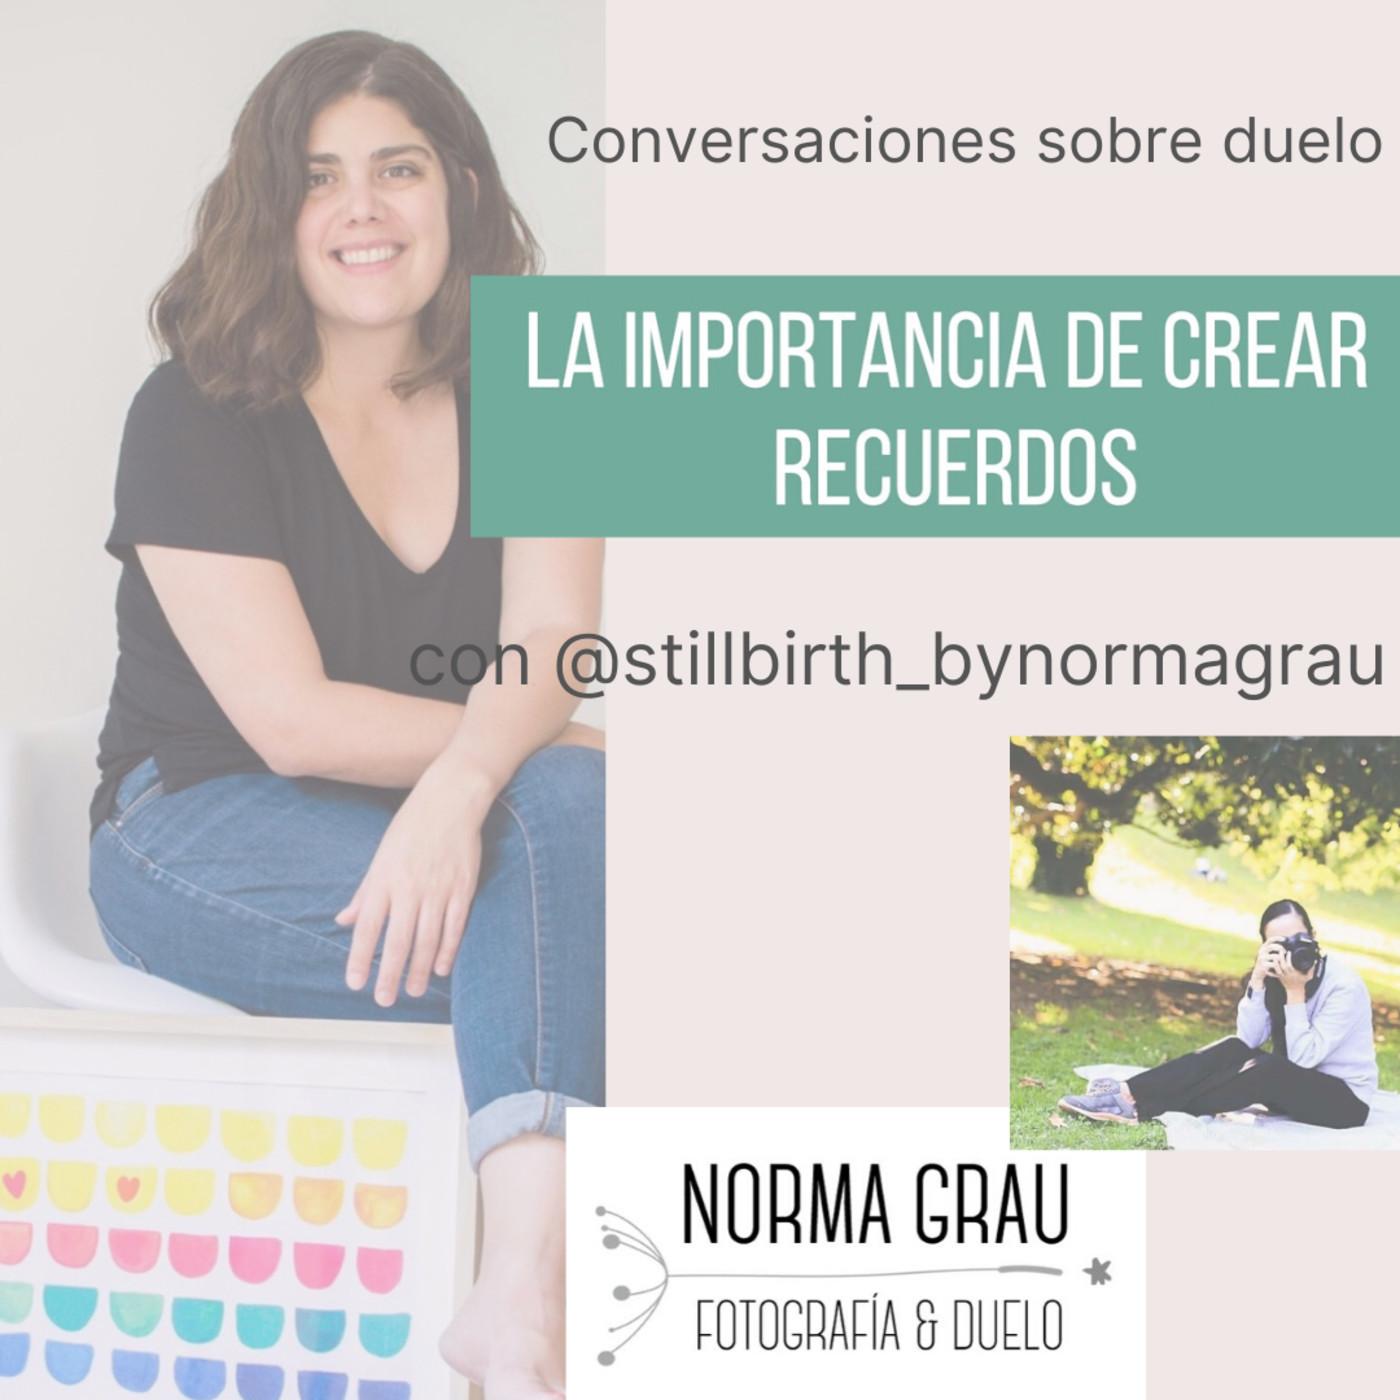 Episodio 12. Conversaciones. La importancia de los recuerdos con Norma Grau